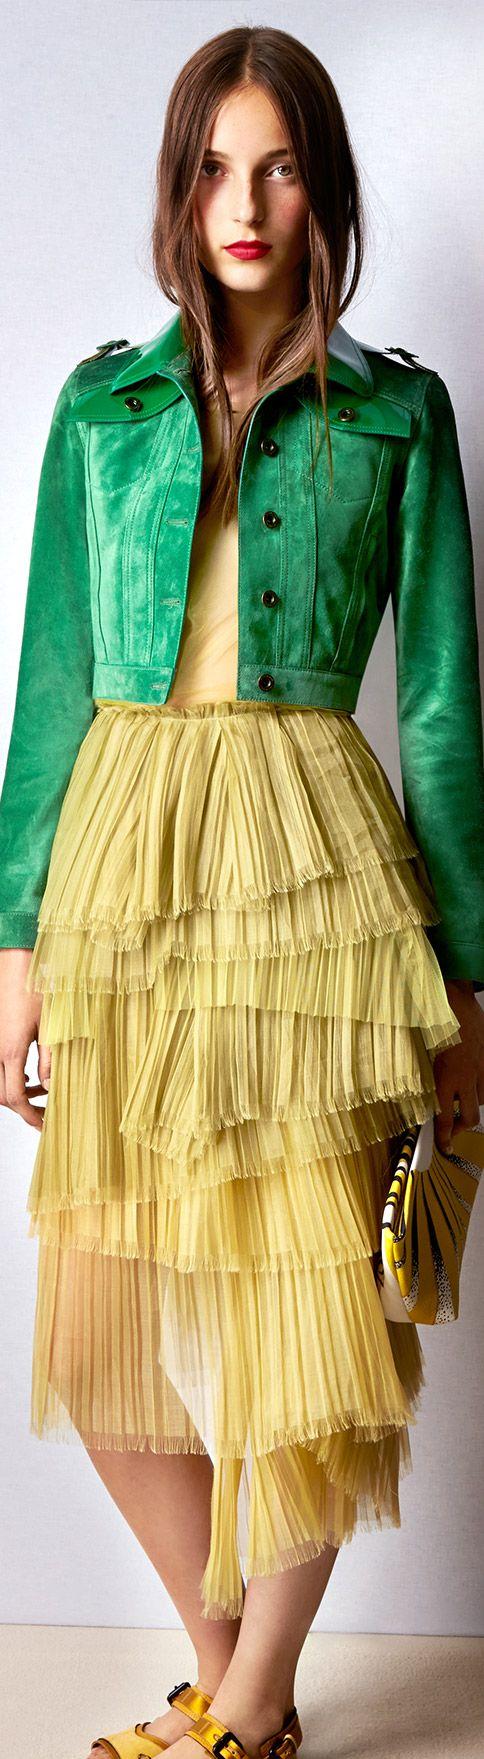 Una chaqueta corta en verde suave sobre capas y capas de tul. #fashion #trend